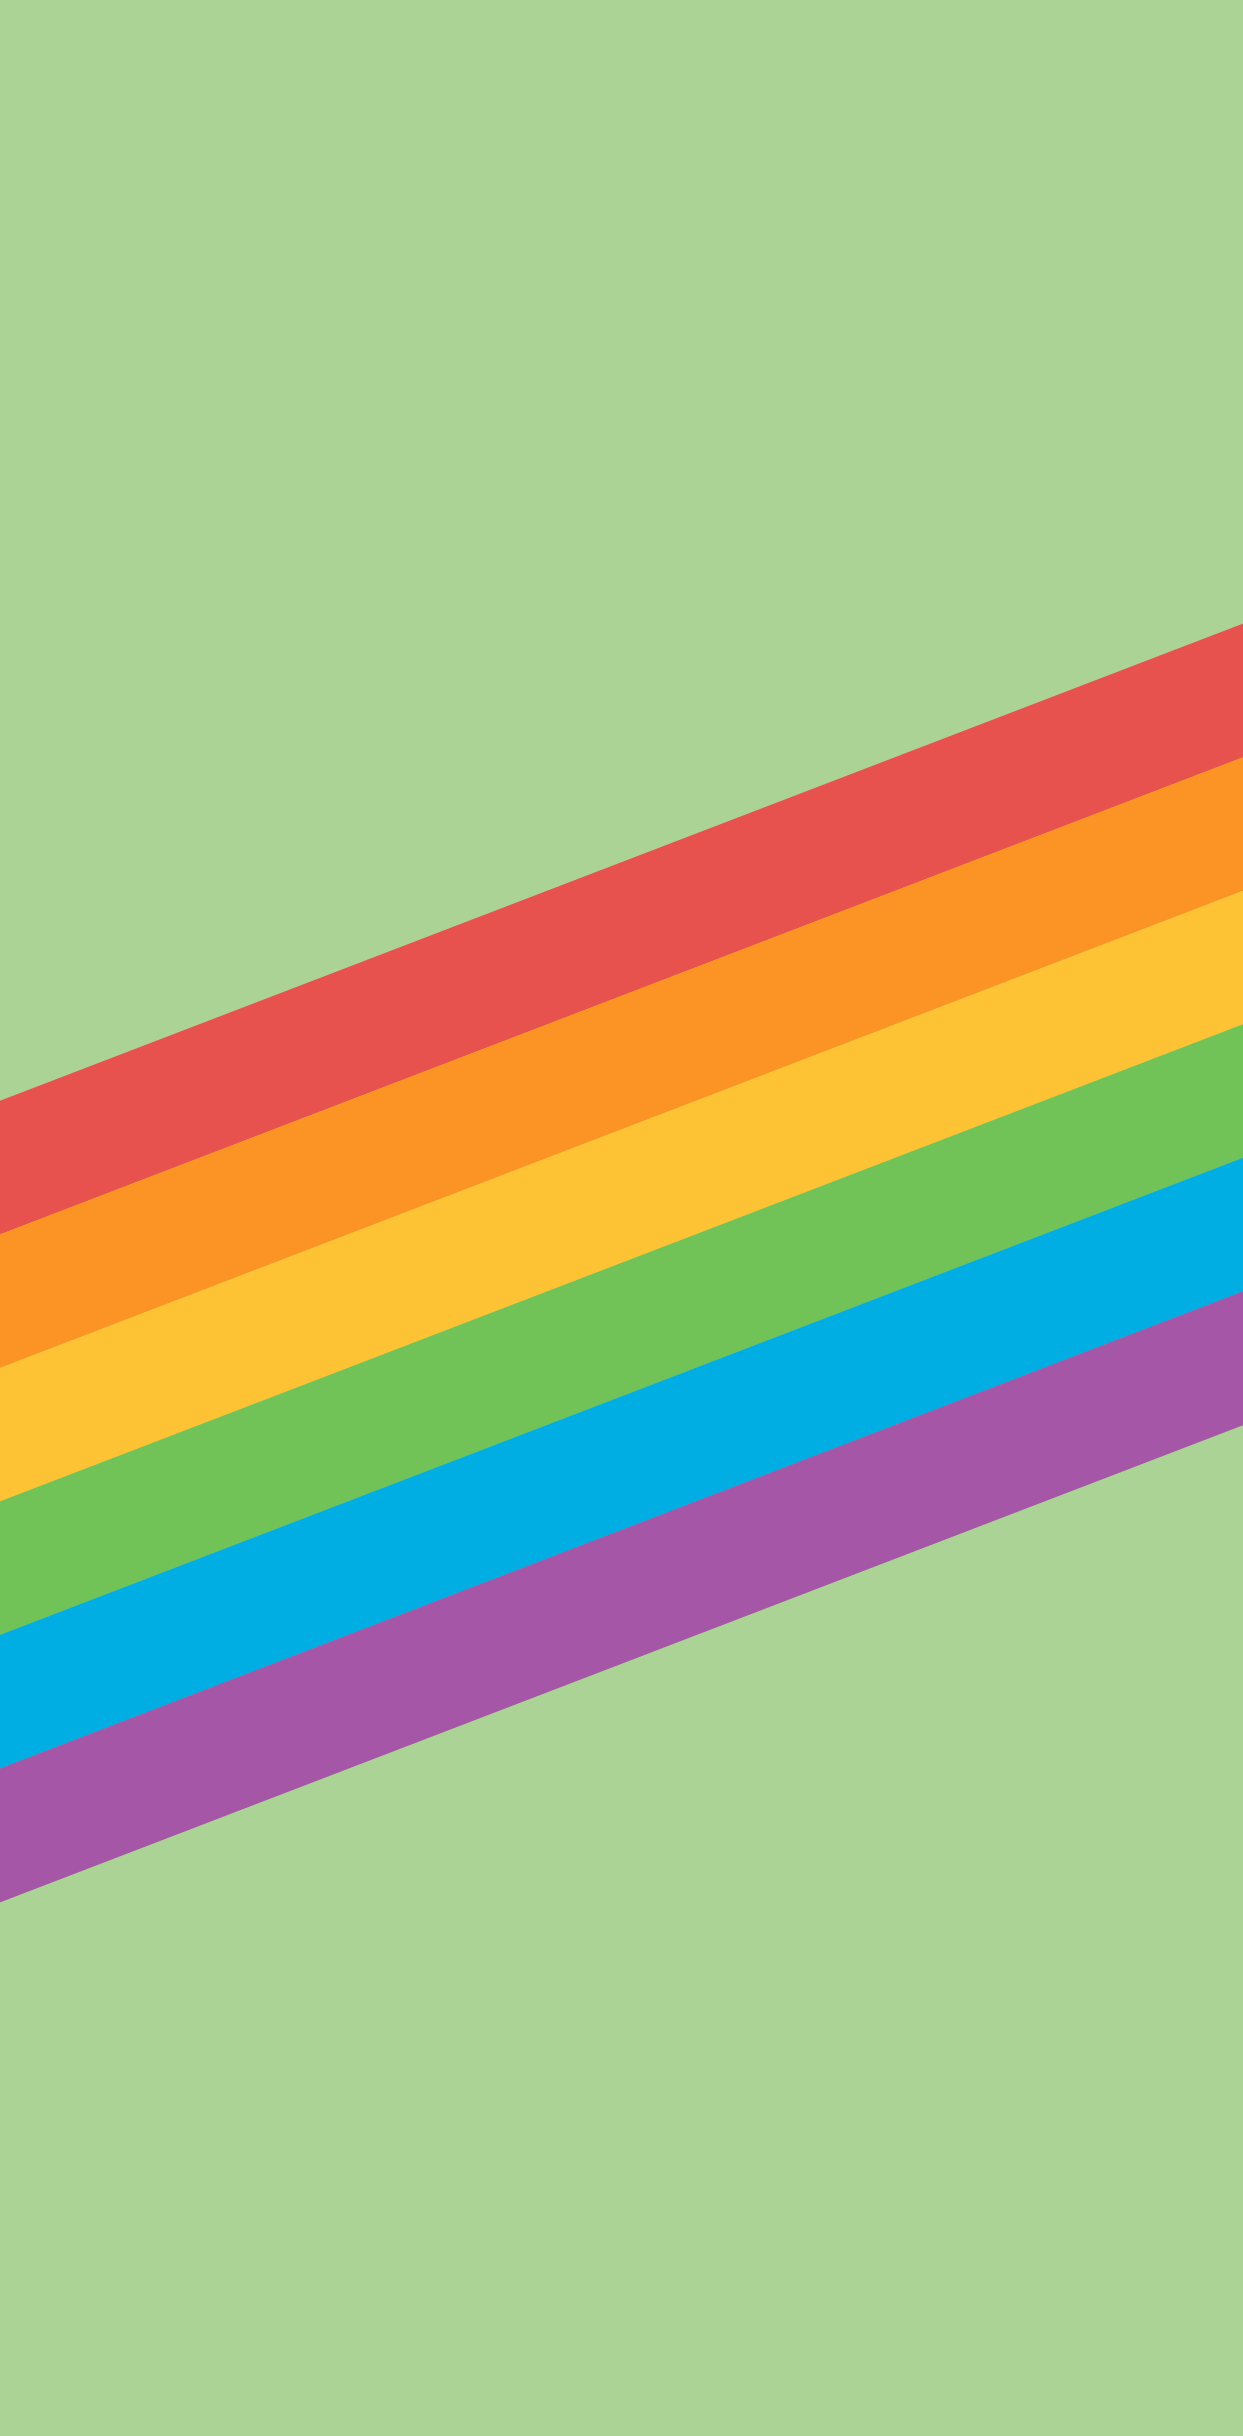 Iphone Pride Wallpapers Knol Aust